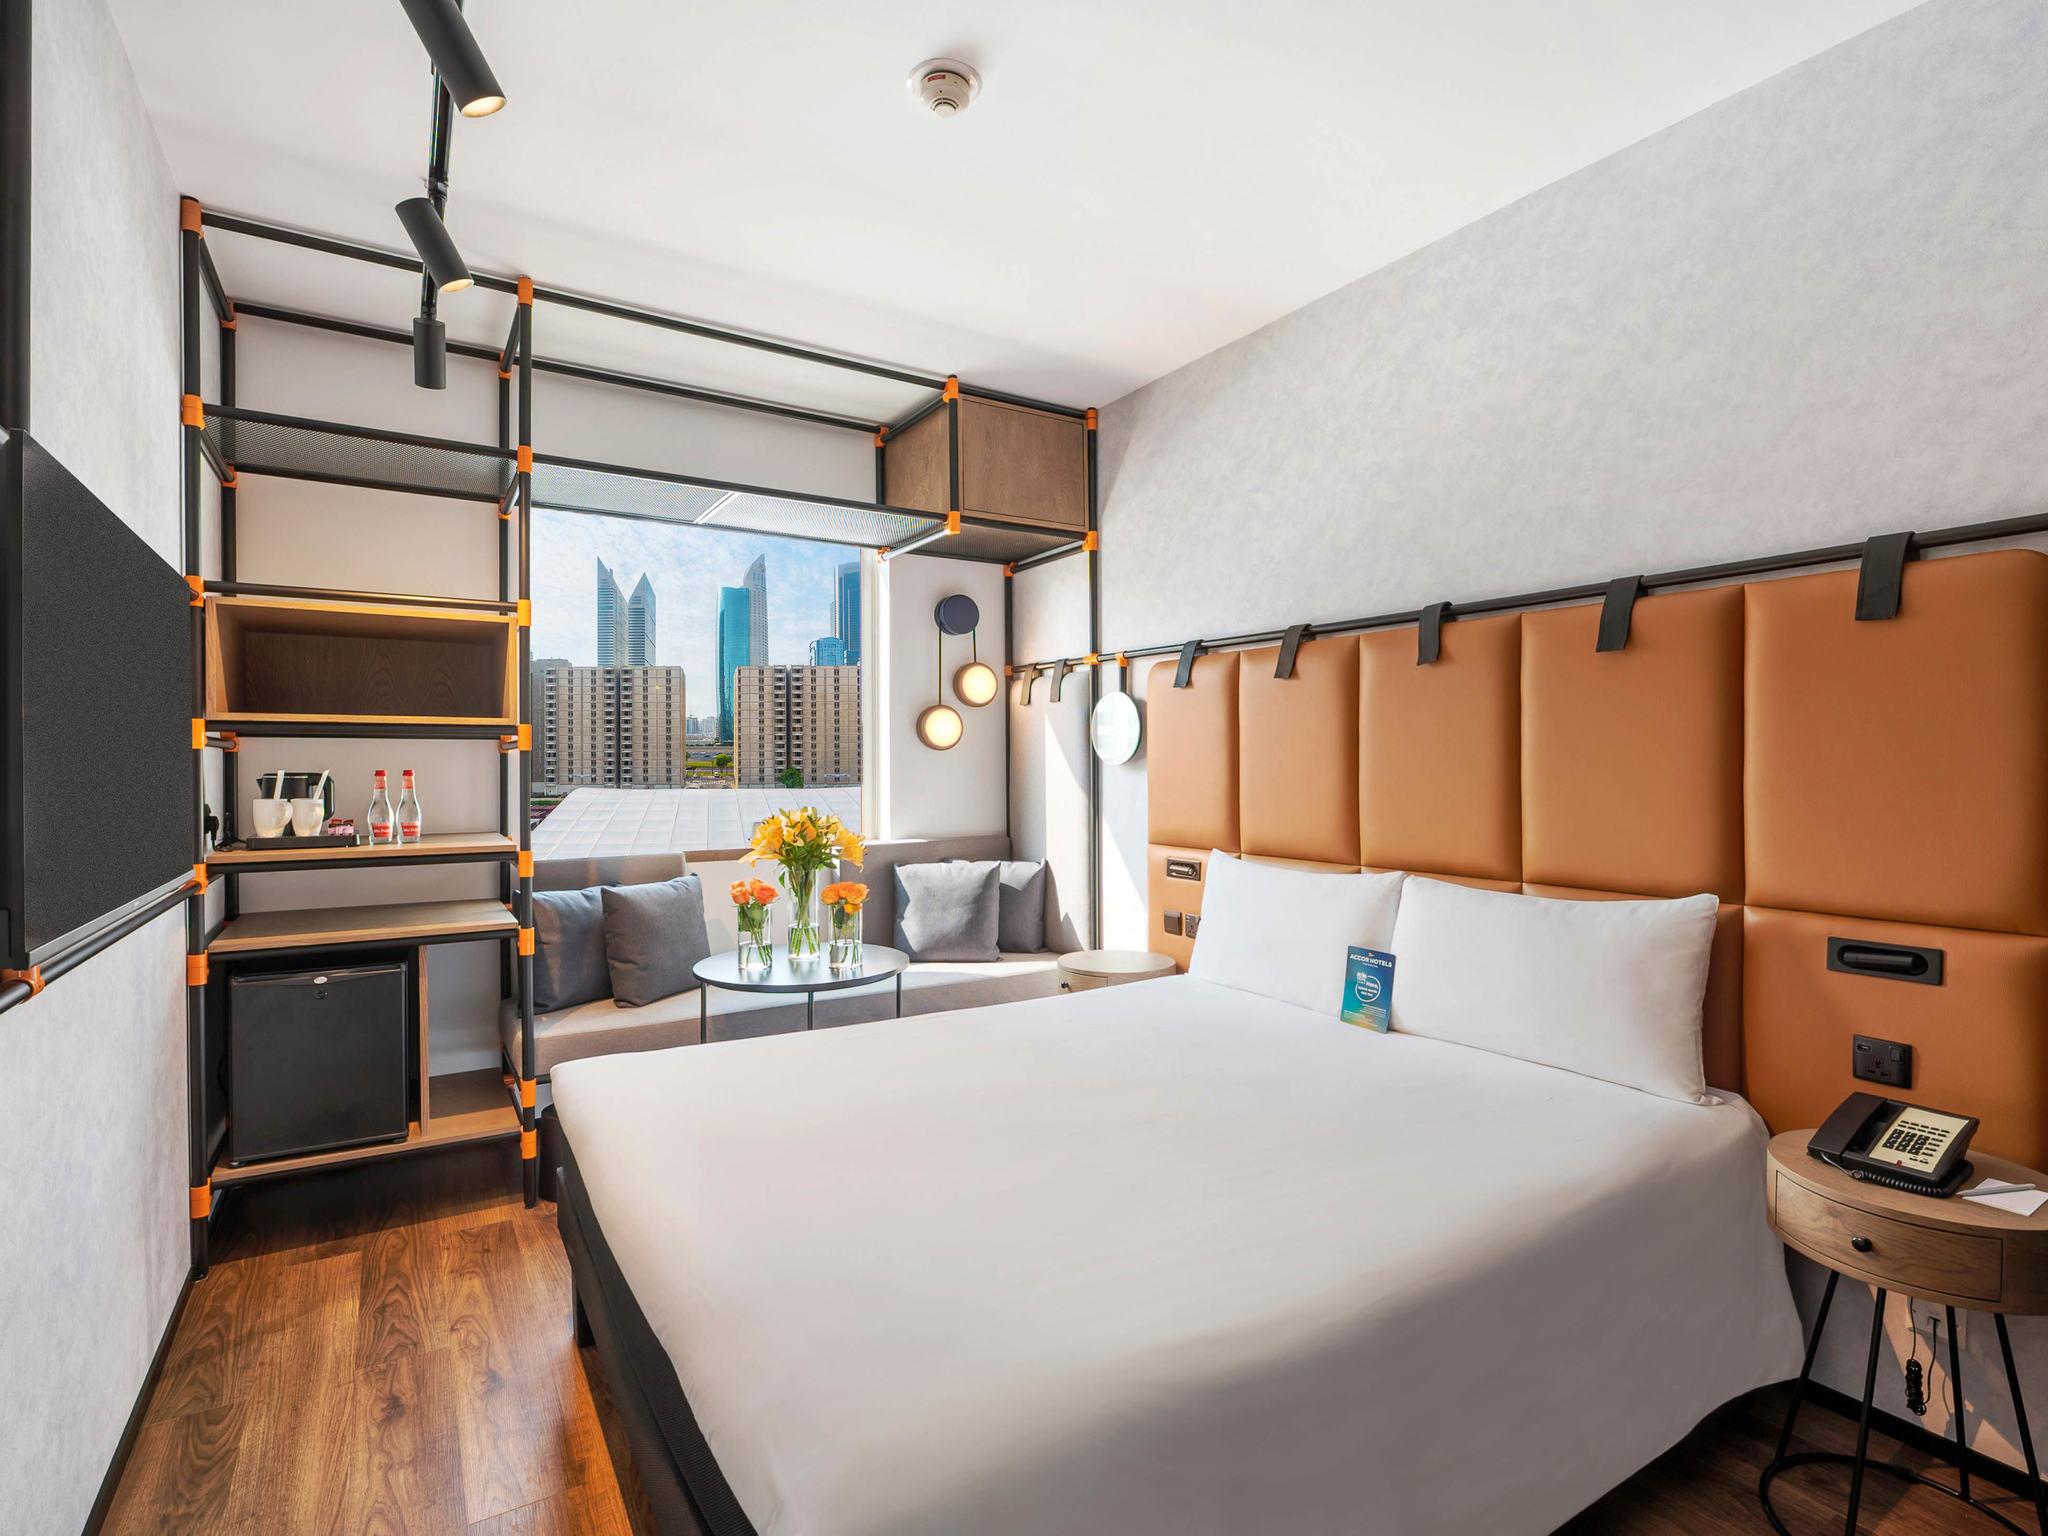 فندق - إيبيس ibis مركز التجارة العالمي دبي